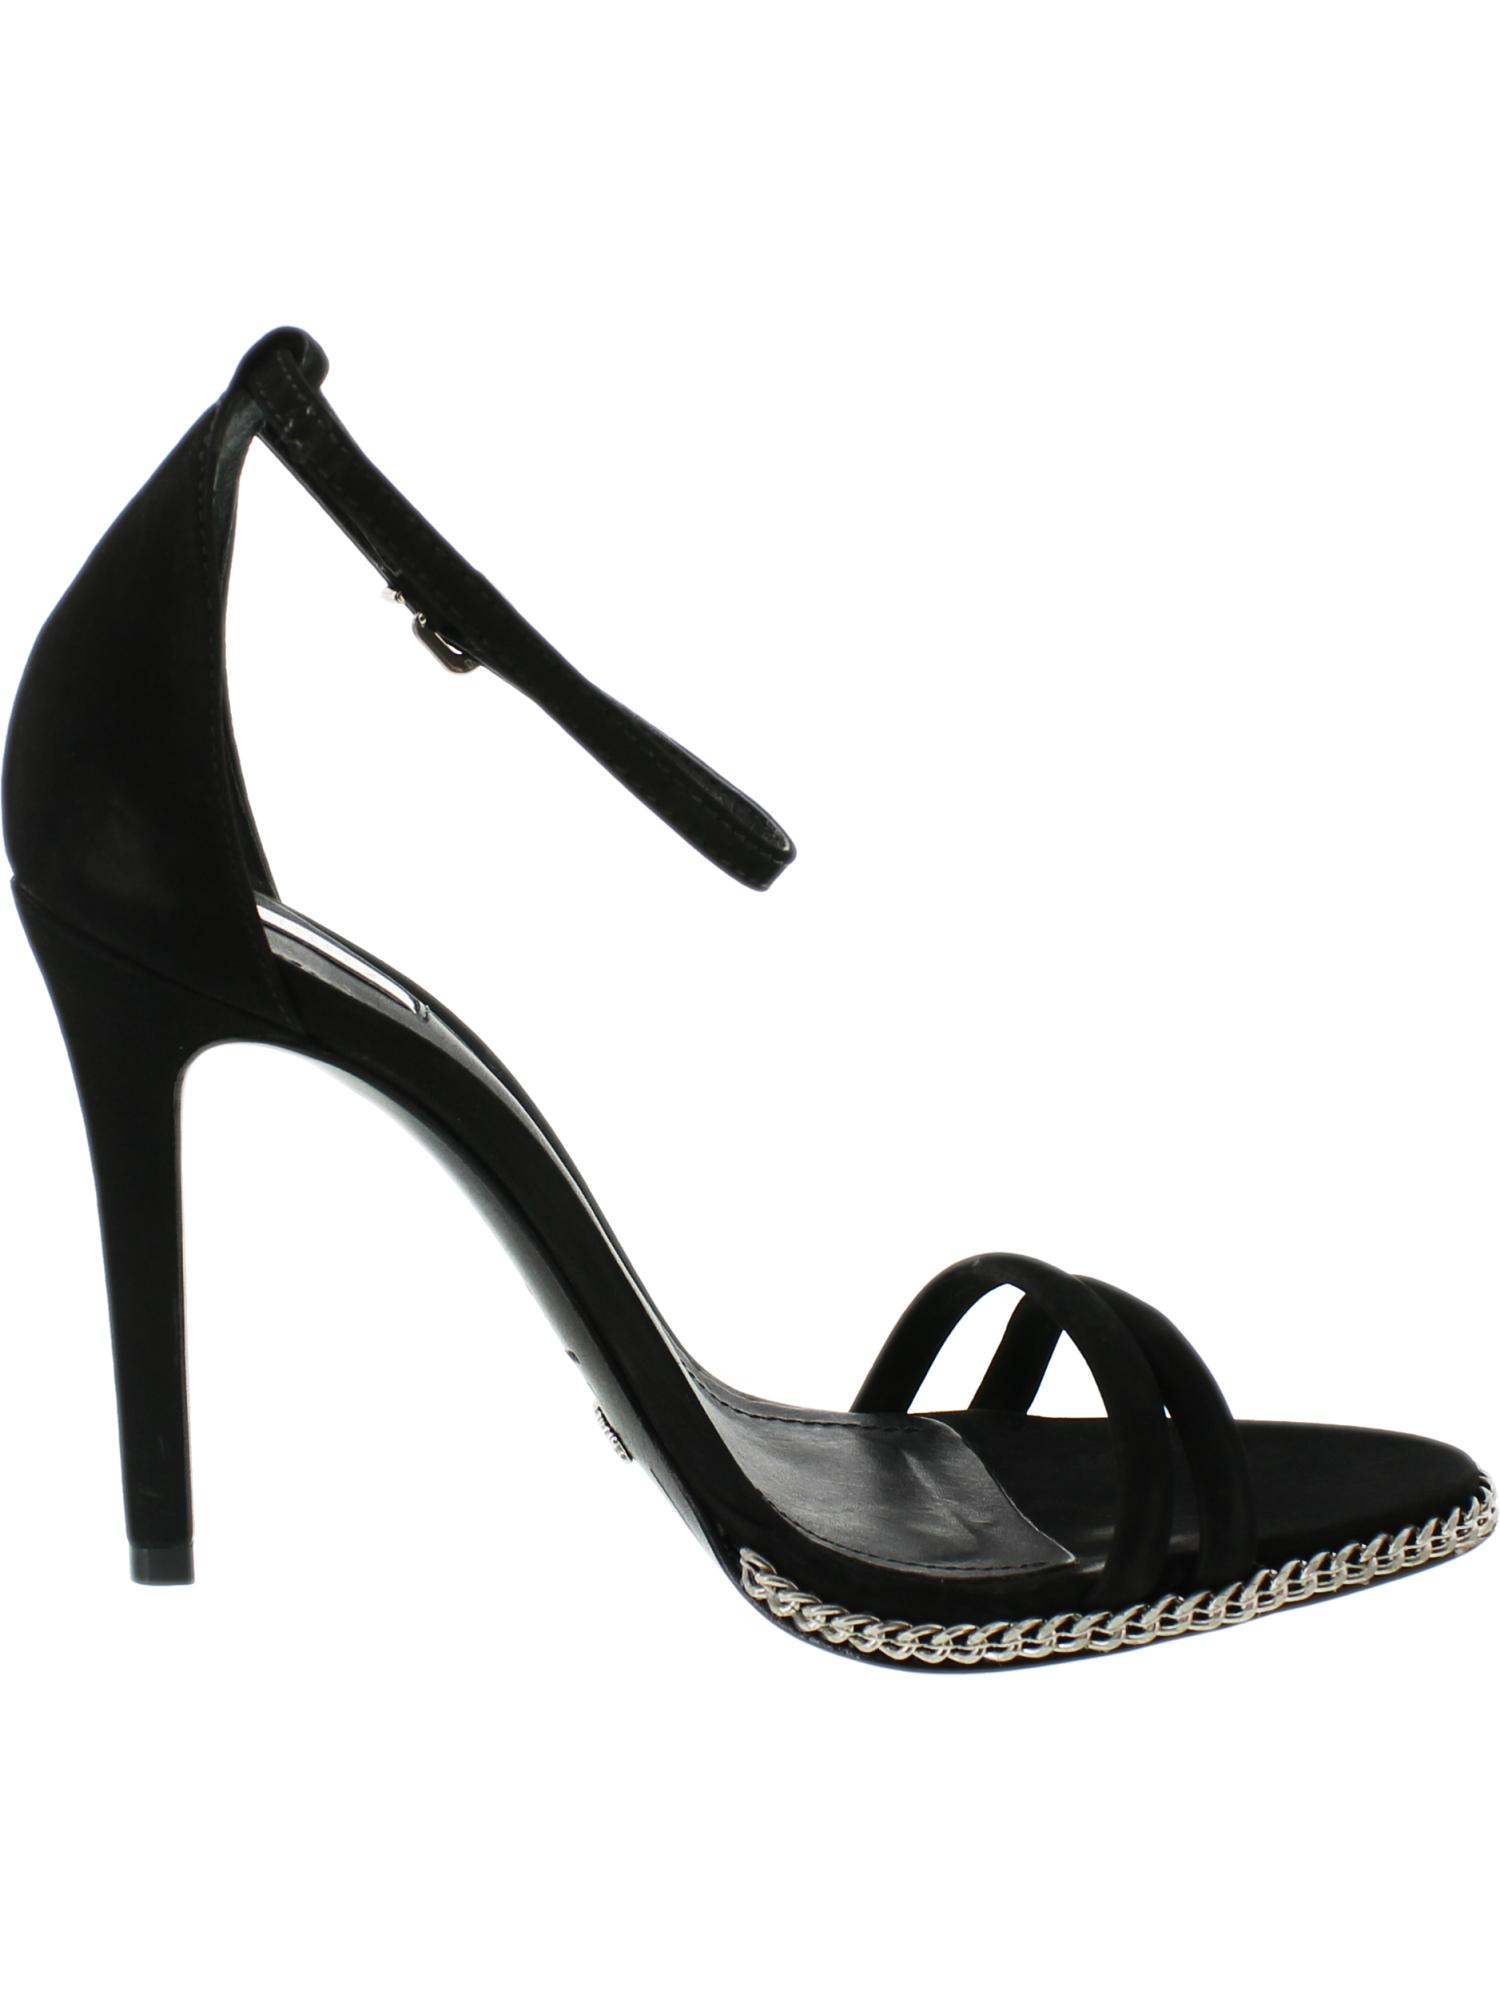 Schutz Femme Femme Femme panteria Cheville-Haute Daim Sandale 44d6eb